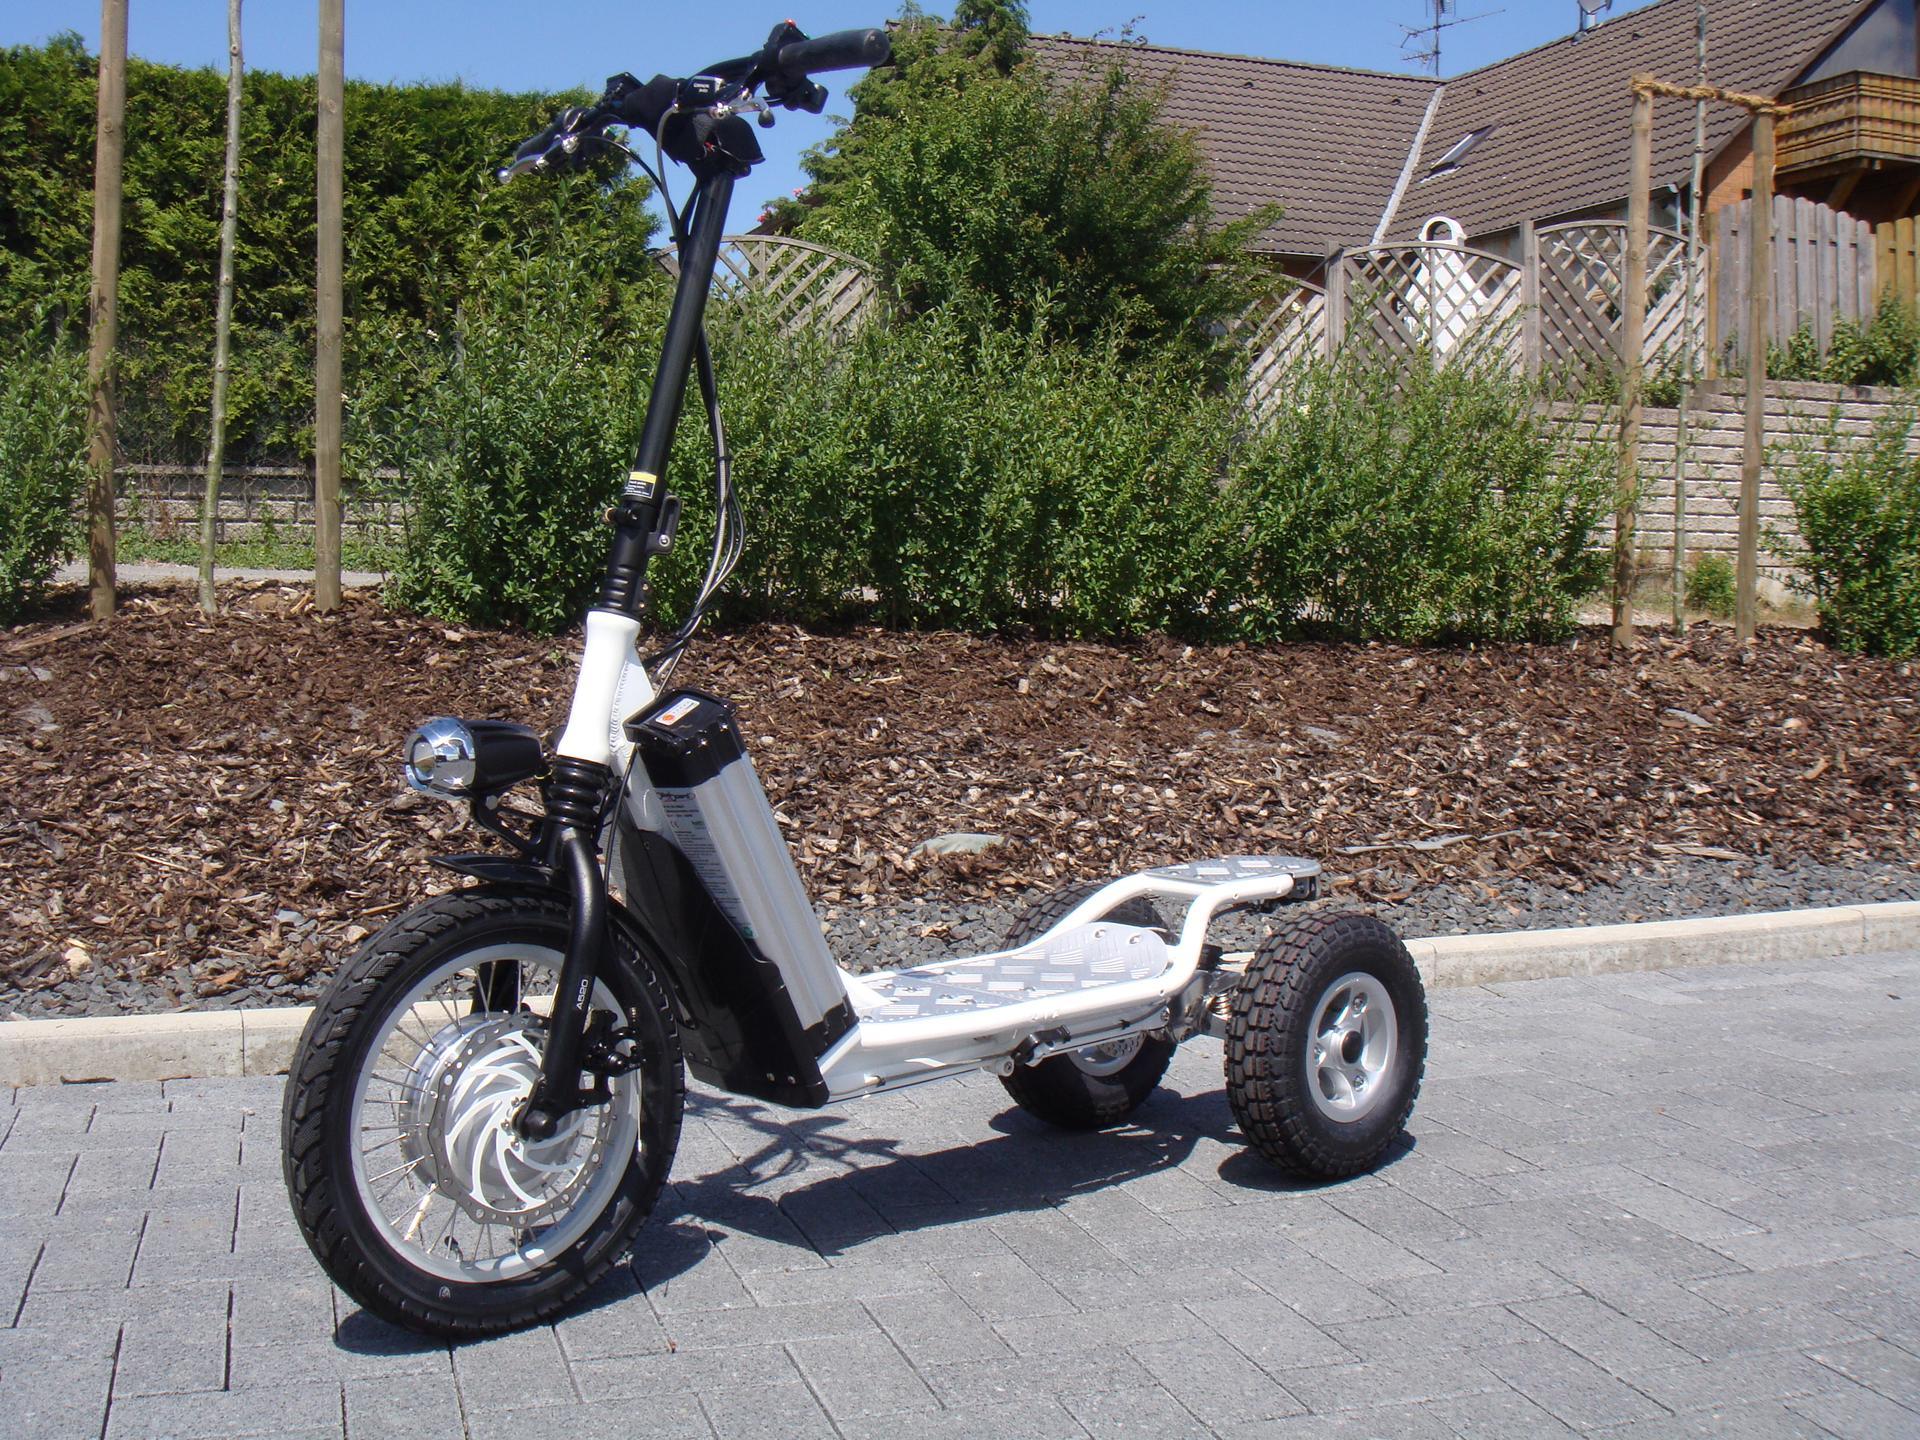 eu neuwagen bikeboard allrounder mit rabatt g nstig kaufen. Black Bedroom Furniture Sets. Home Design Ideas